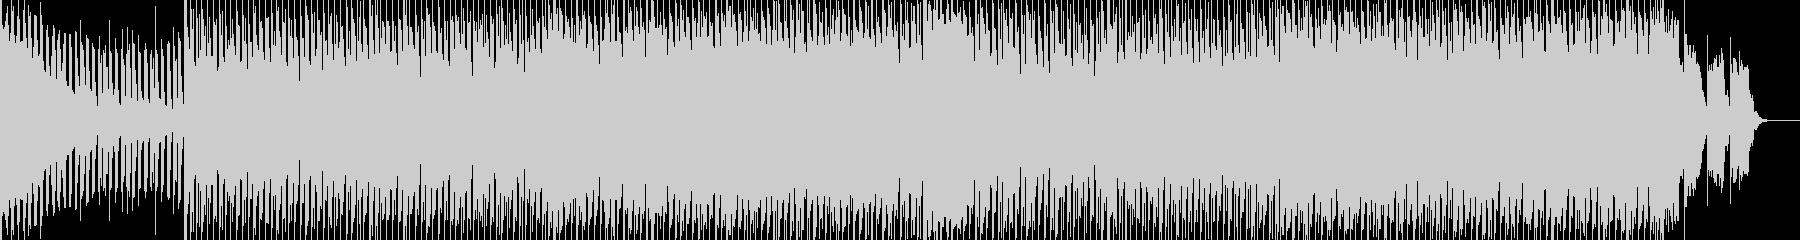 EDMクラブ系ダンスミュージック-126の未再生の波形